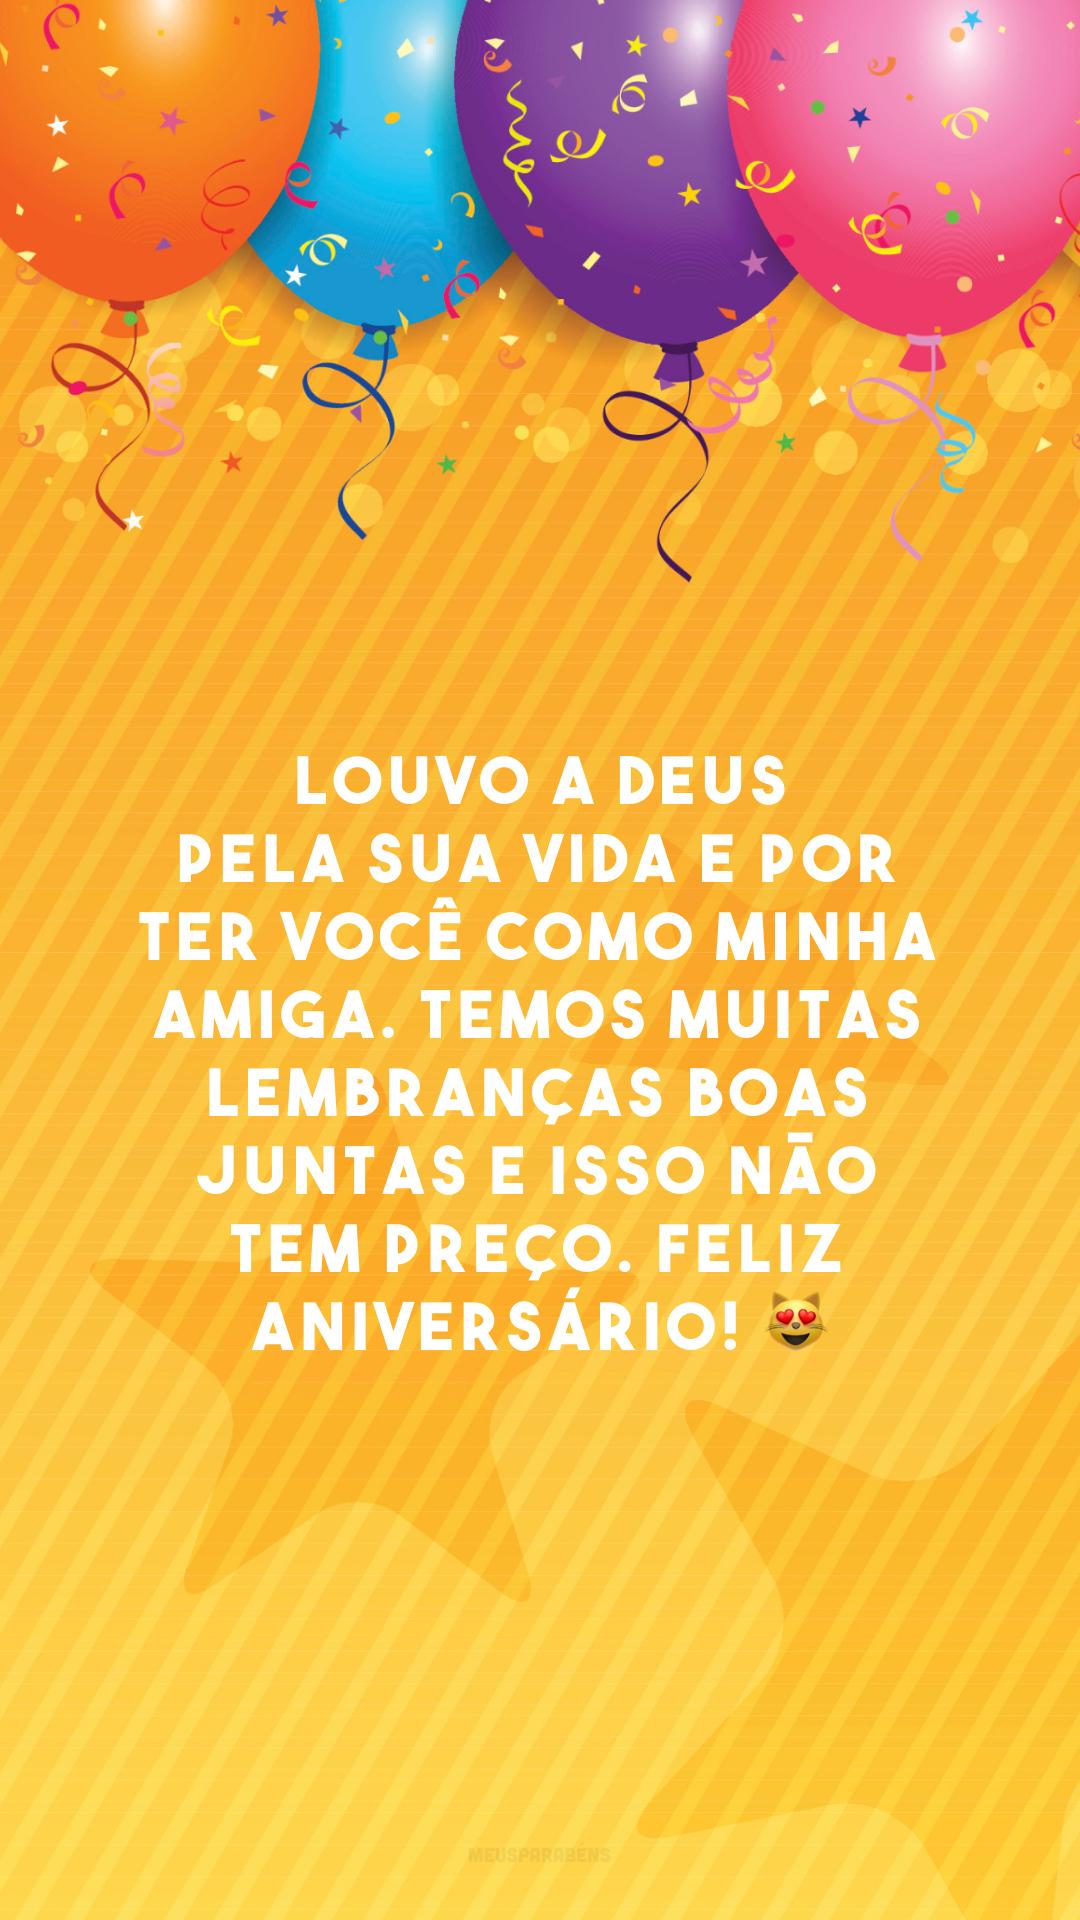 Louvo a Deus pela sua vida e por ter você como minha amiga. Temos muitas lembranças boas juntas e isso não tem preço. Feliz aniversário! 😻